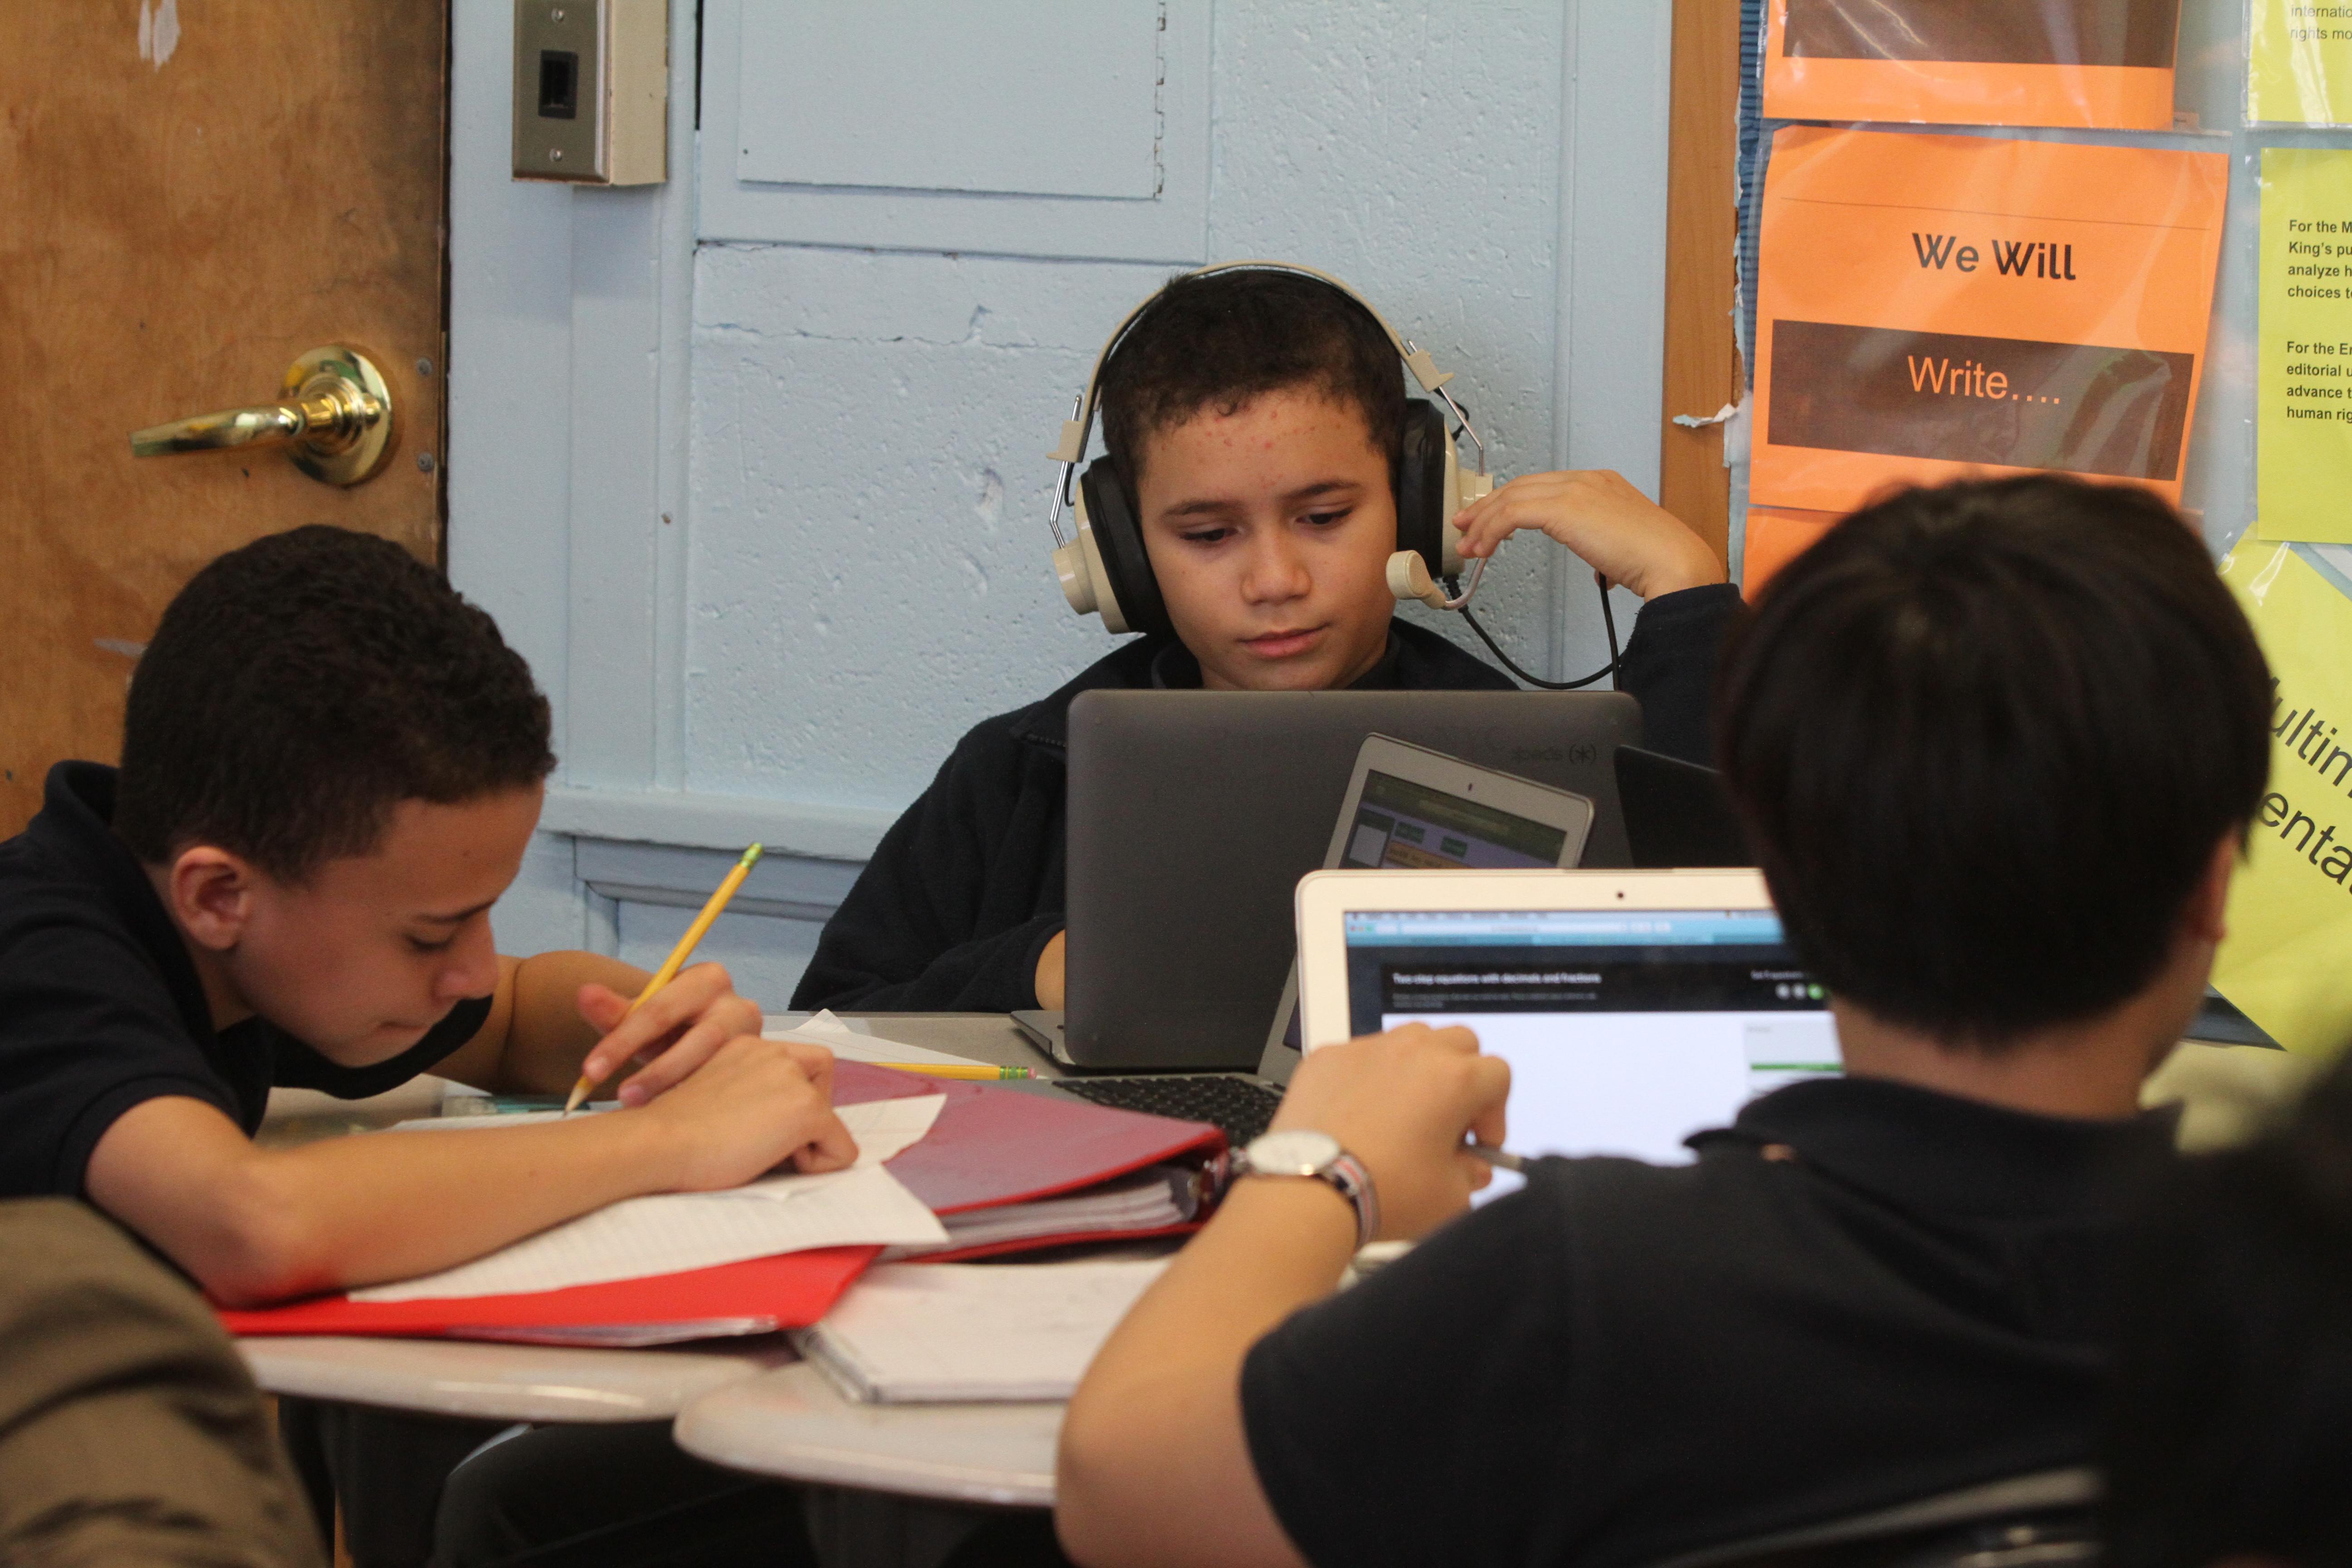 Estudiantes de la Escuela Media 80 de El Bronx, con su principal Emmanuel Polanco, donde los alumnos tienen la capacidad de realizar sus tares en las computadoras y la posibilidad de llevar Ipads a sus casas.